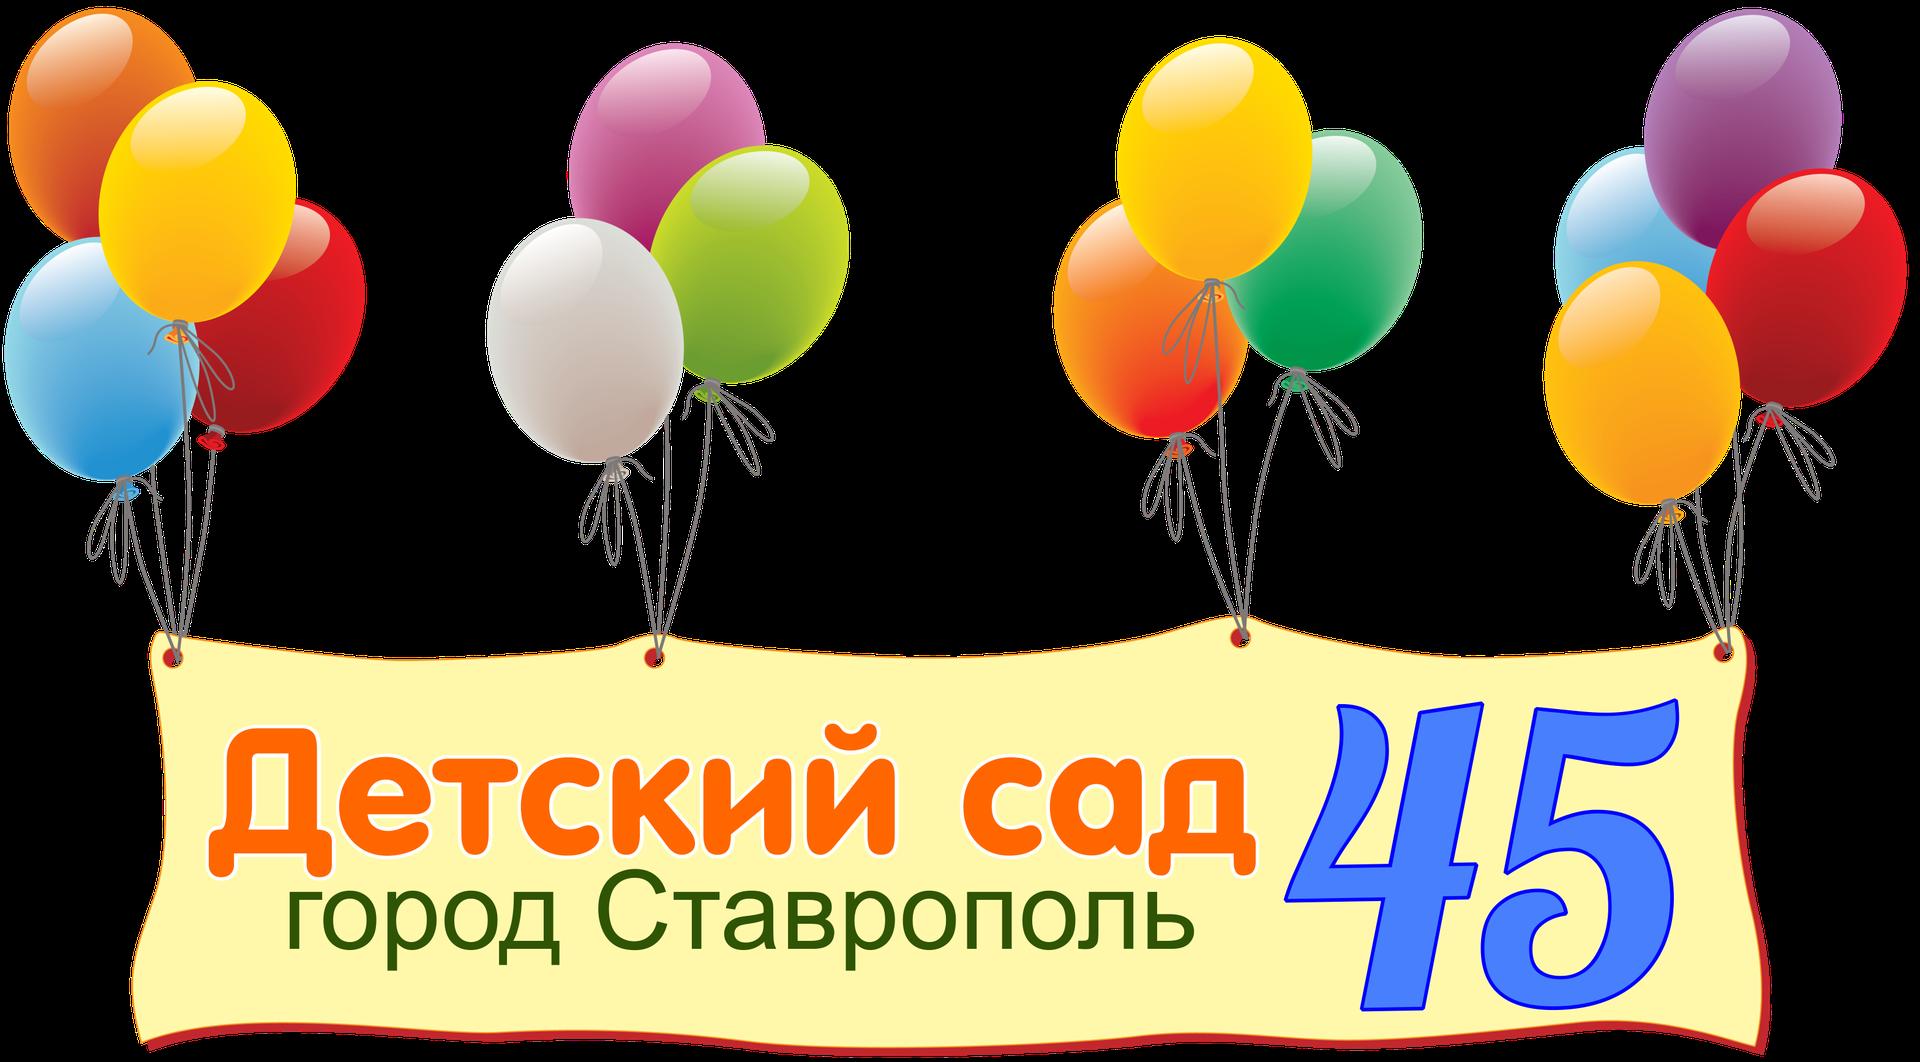 stavsad45.ru